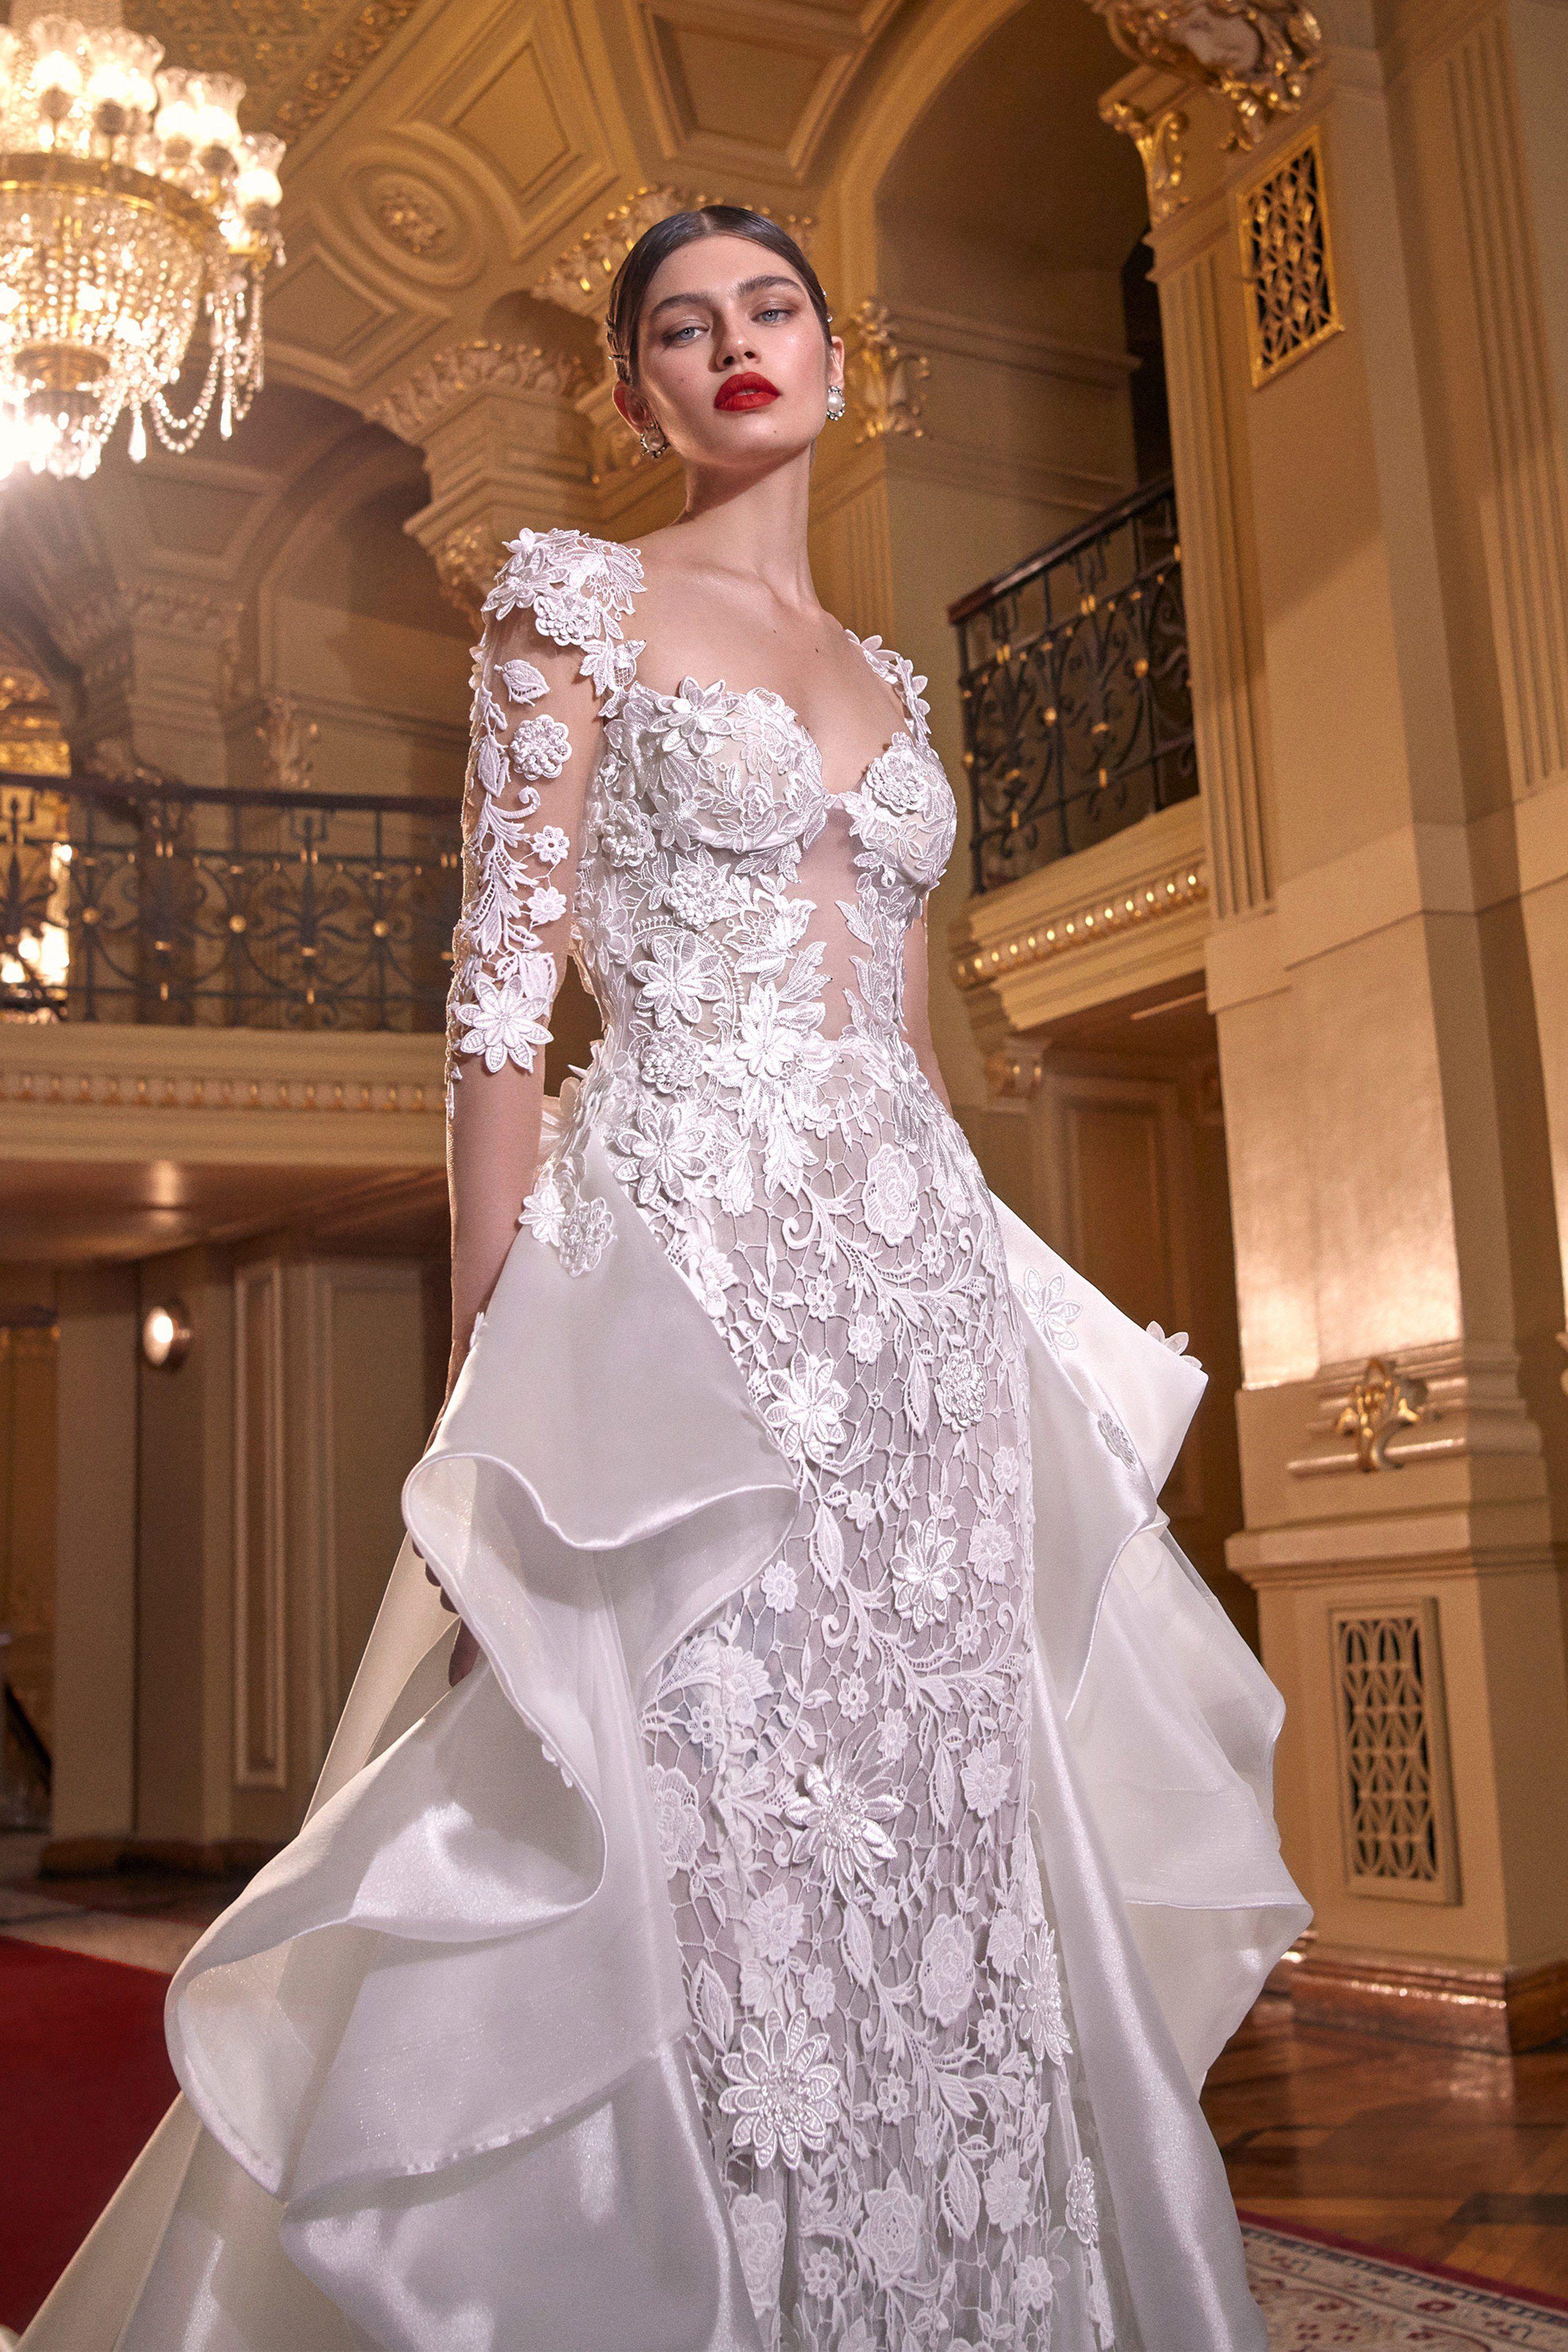 Galia lahav bridal spring 2020 fashion show collection